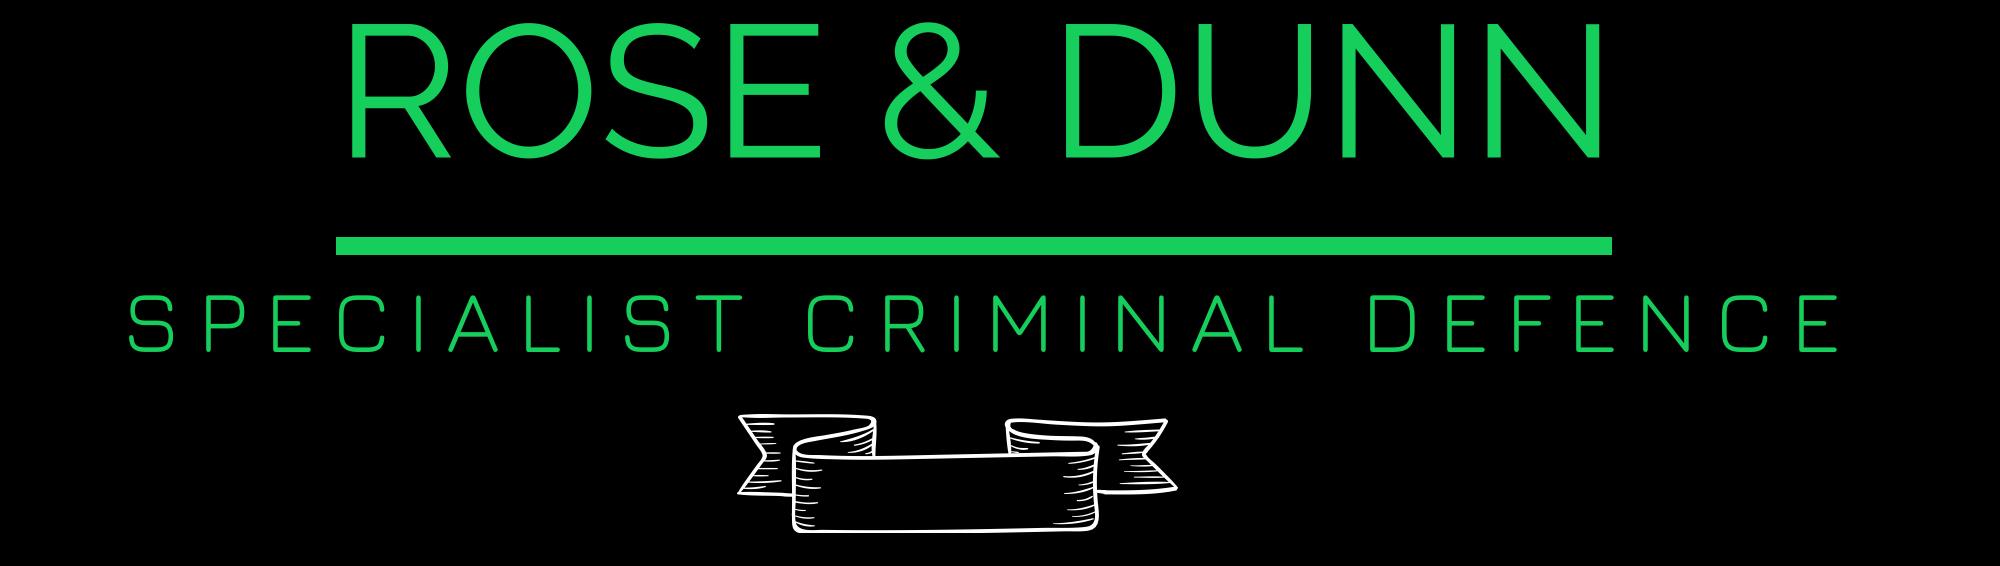 Rose & Dunn